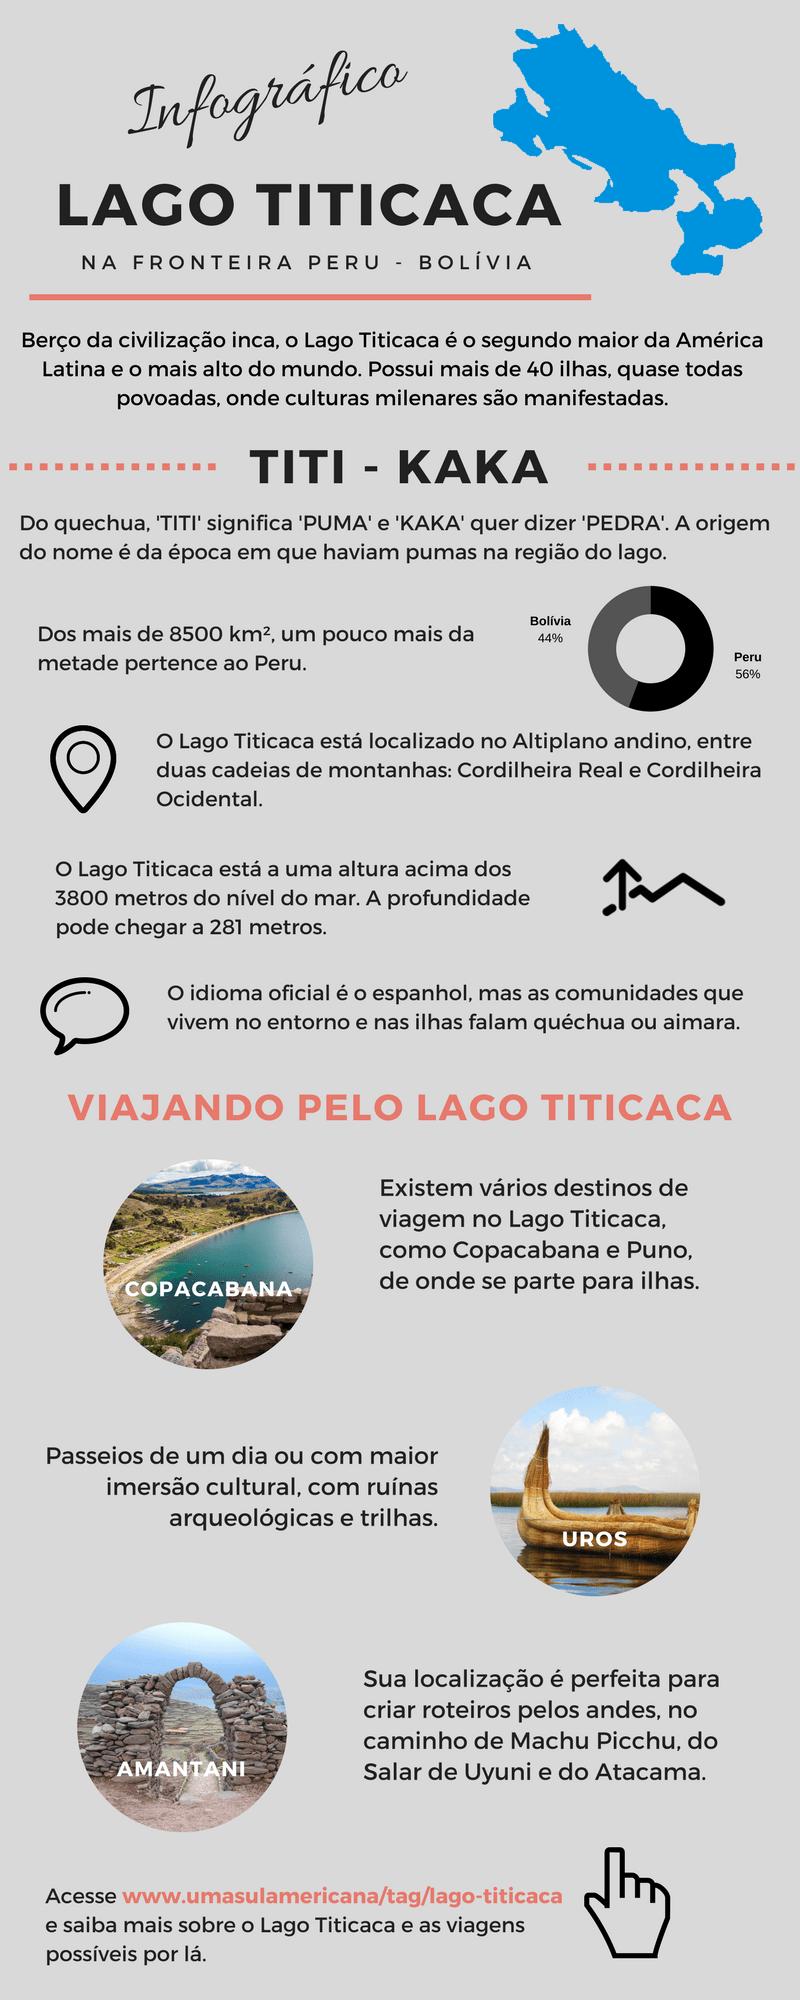 Infográfico do Lago Tititicaca - Fronteiro Peru Bolívia